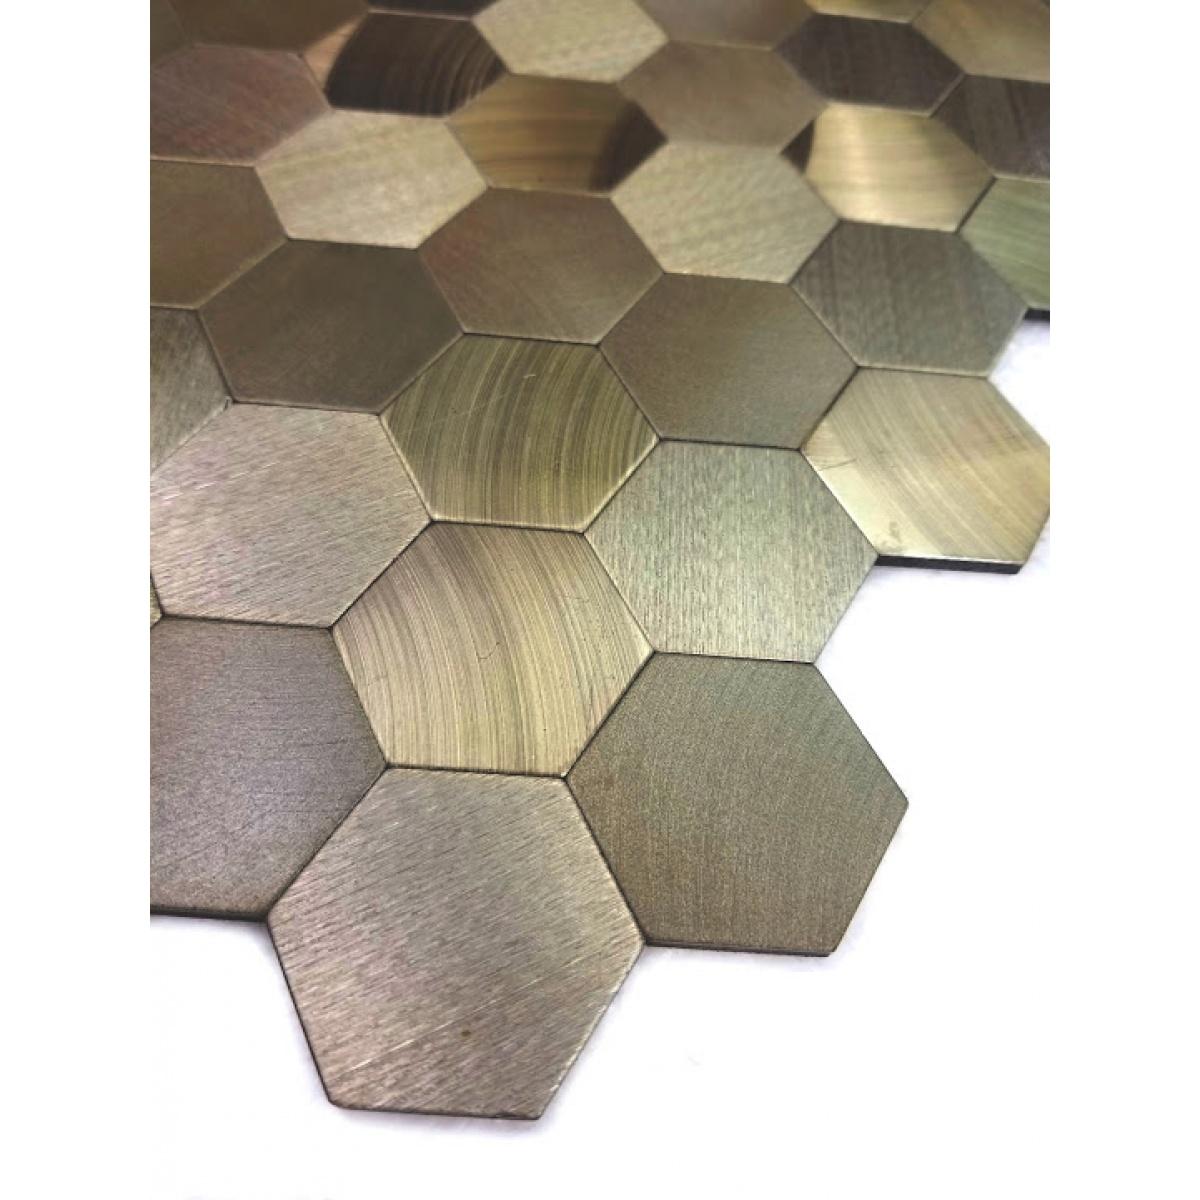 Enchanted Metals 1 3125 In X 1 3125 In Aluminum Hexagon